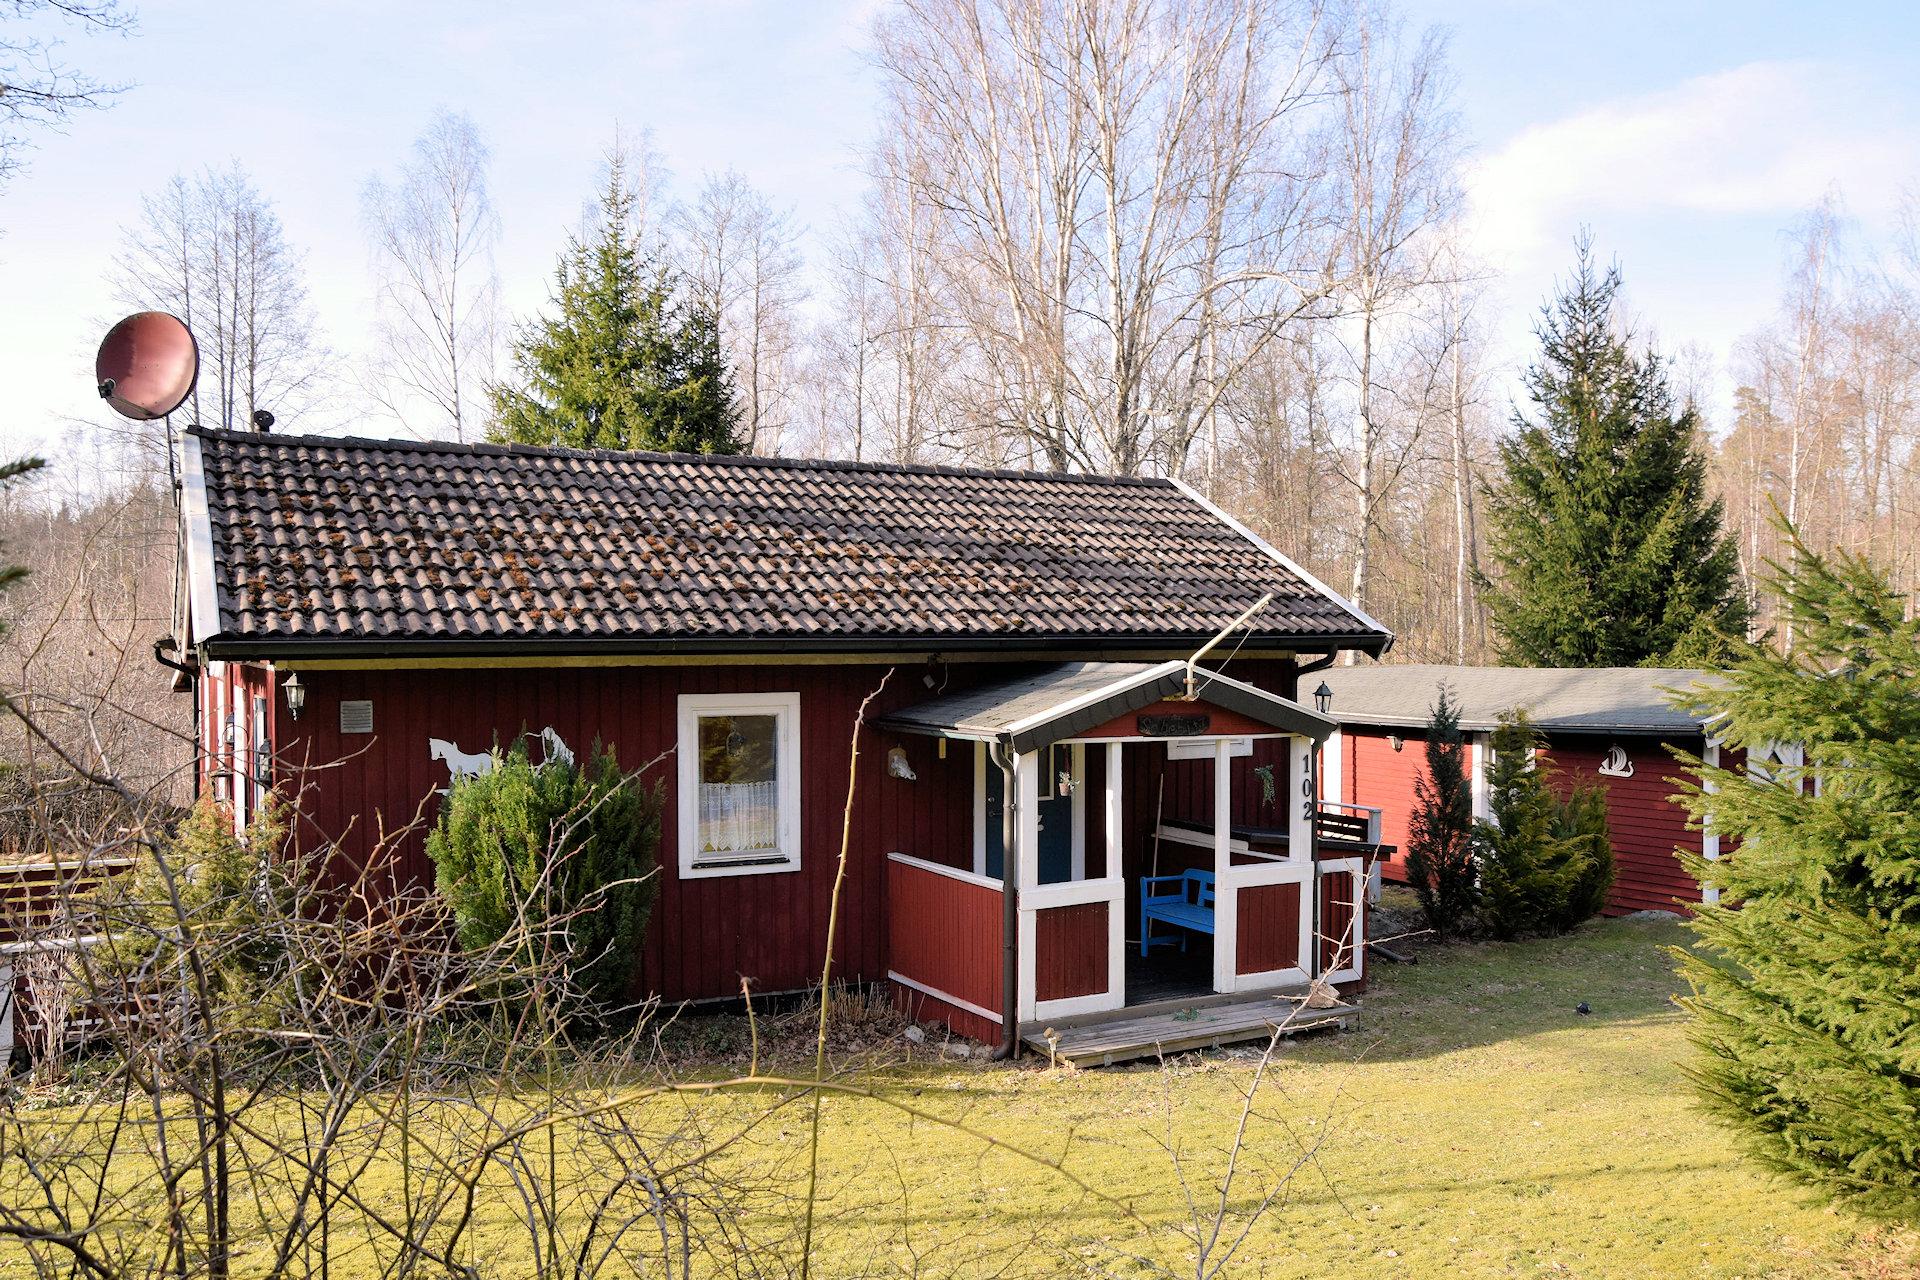 Ansprechend Hauseingang überdacht Galerie Von - Schön überdacht.